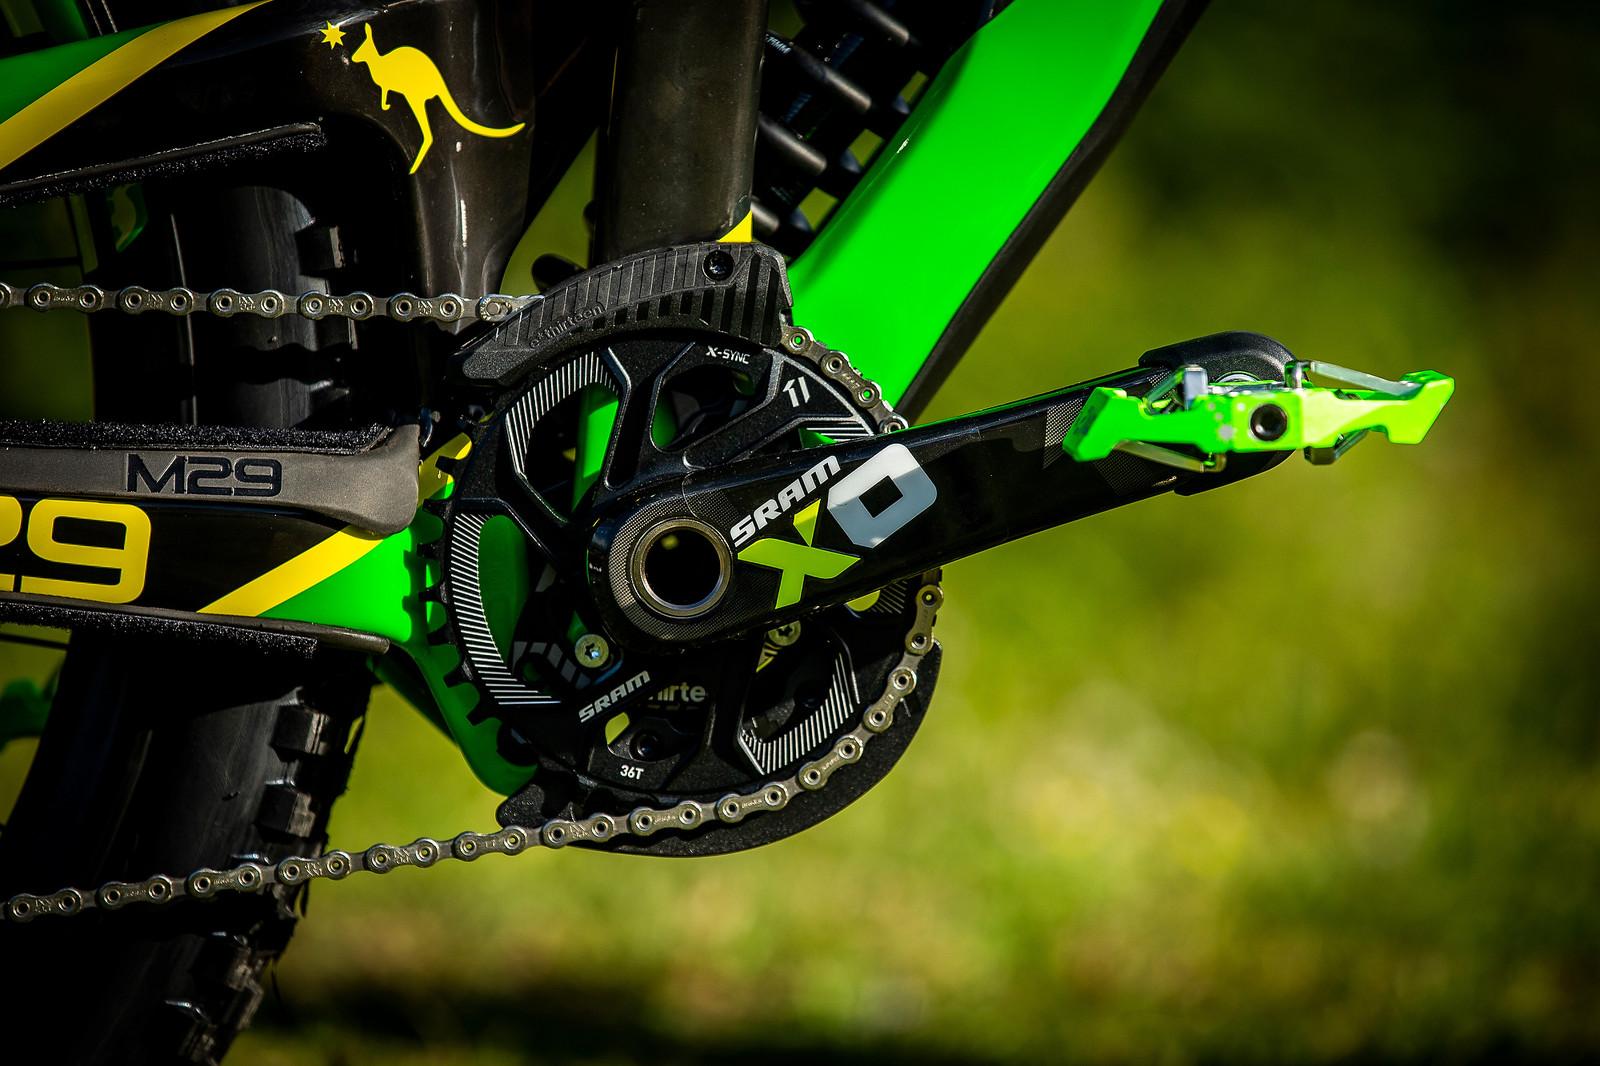 Cranky - WORLD CHAMPS BIKE - Jack Moir's Intense M29 - Mountain Biking Pictures - Vital MTB